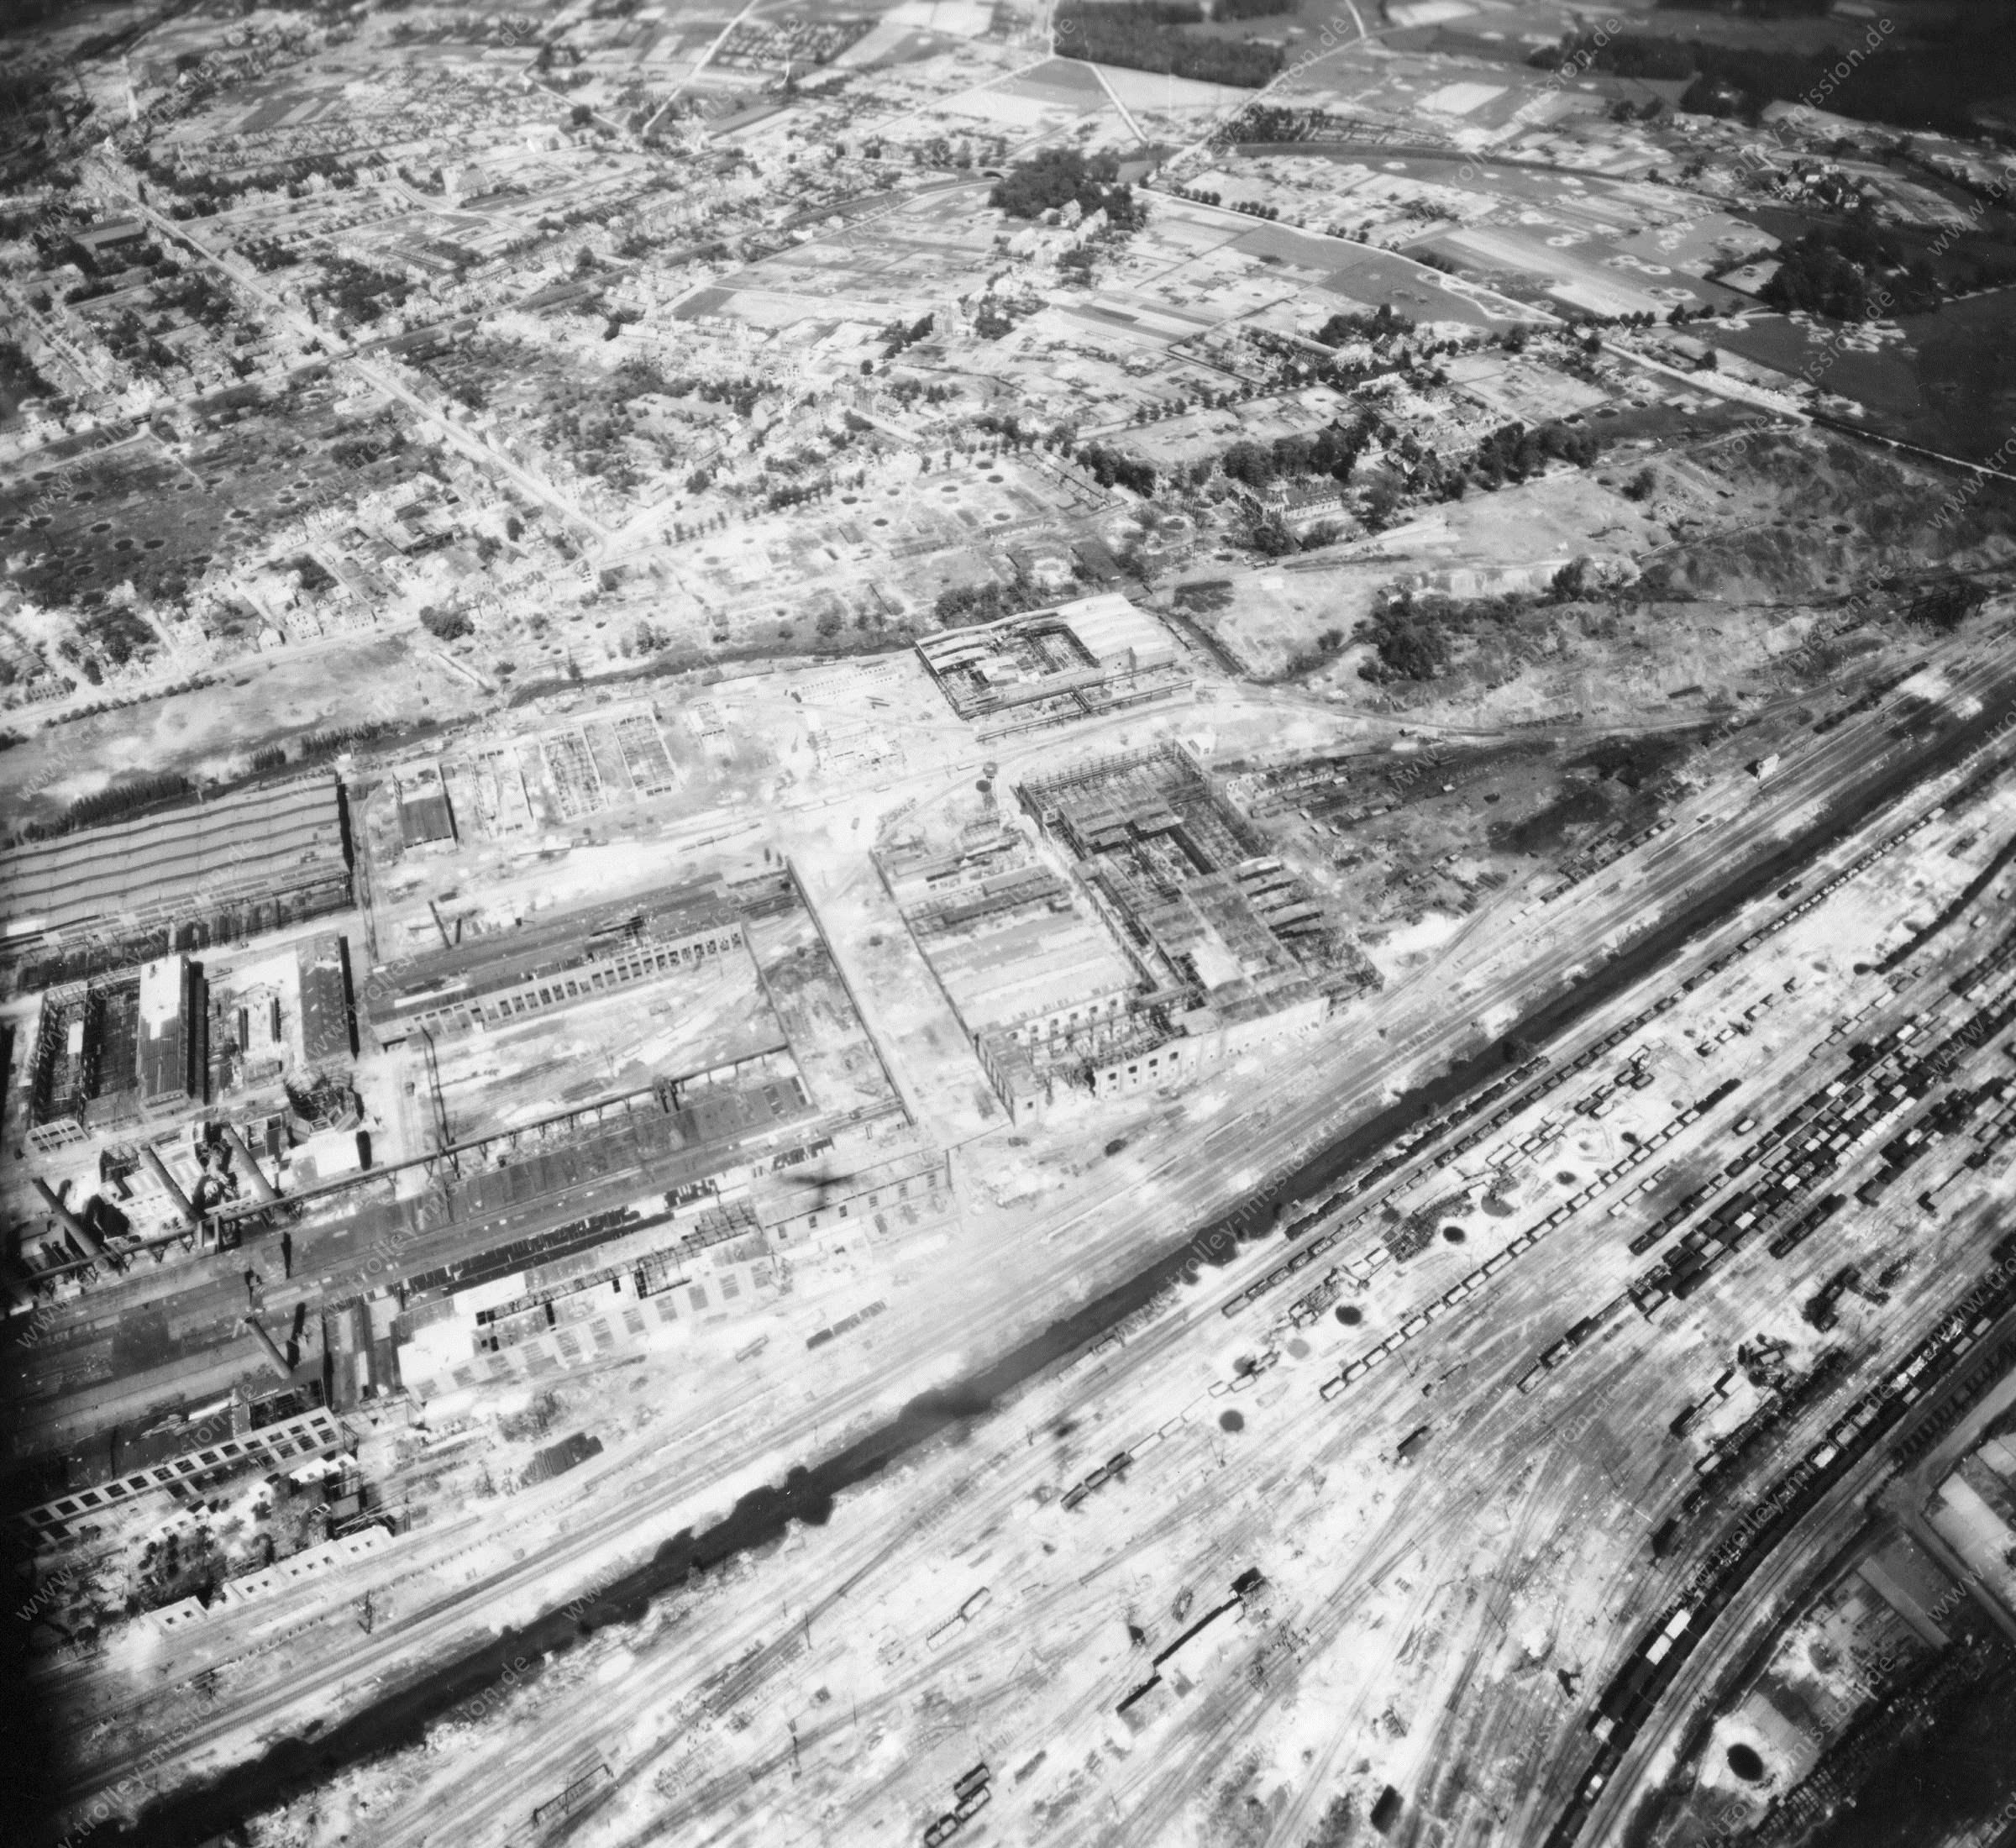 Luftbild von Osnabrück am 12. Mai 1945 - Luftbildserie 8/9 der US Air Force